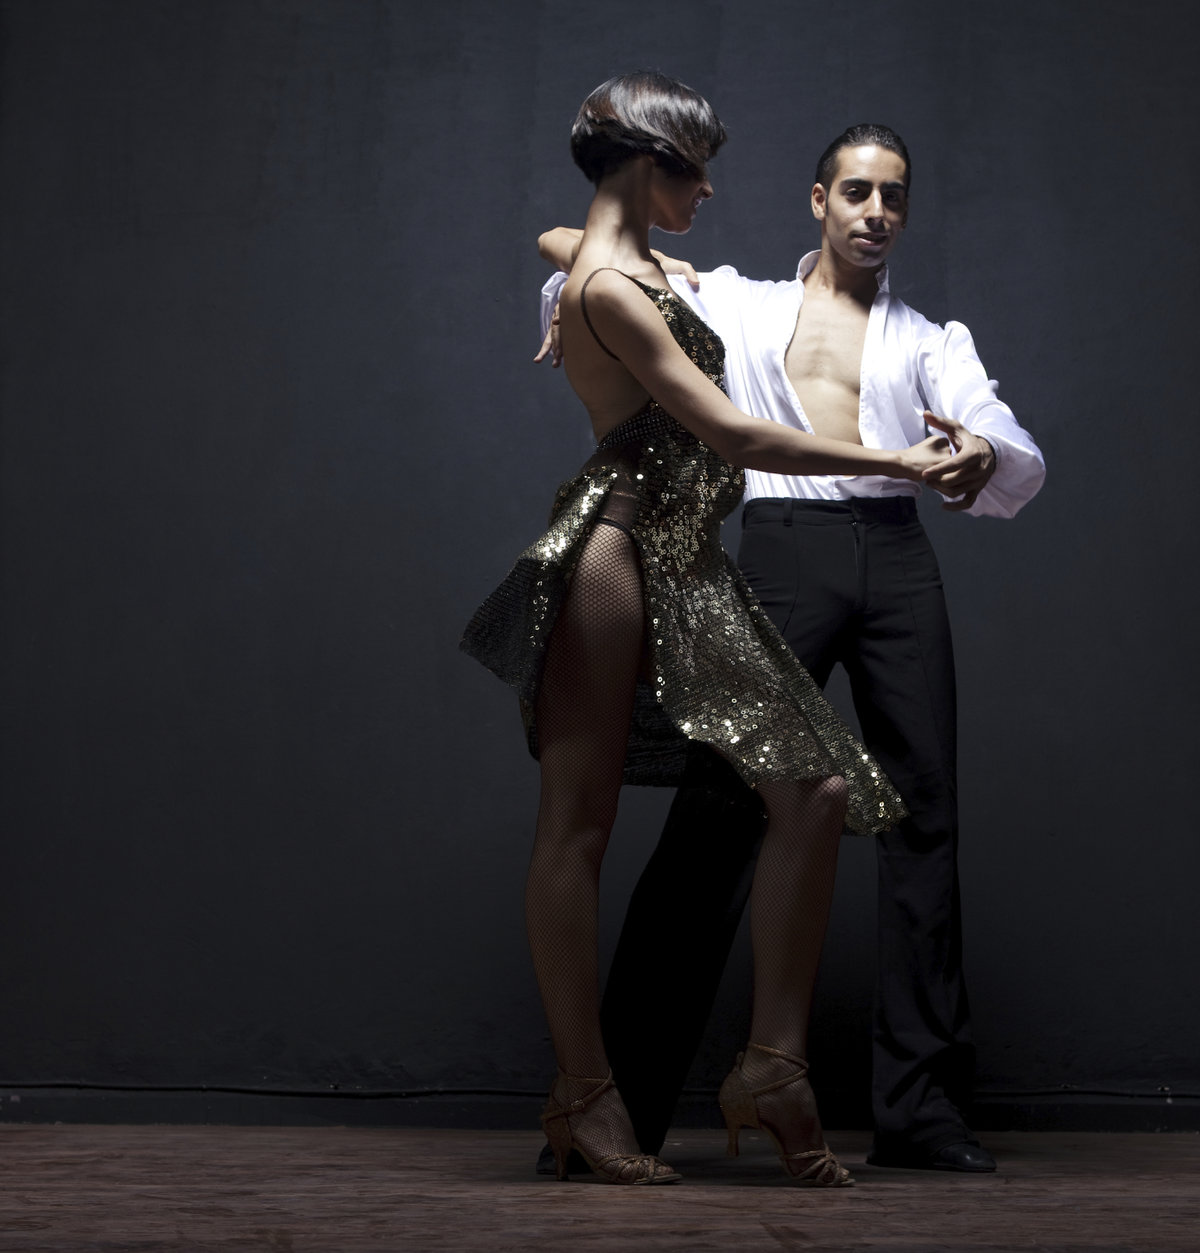 картинки латино танец обычных аттракционов для